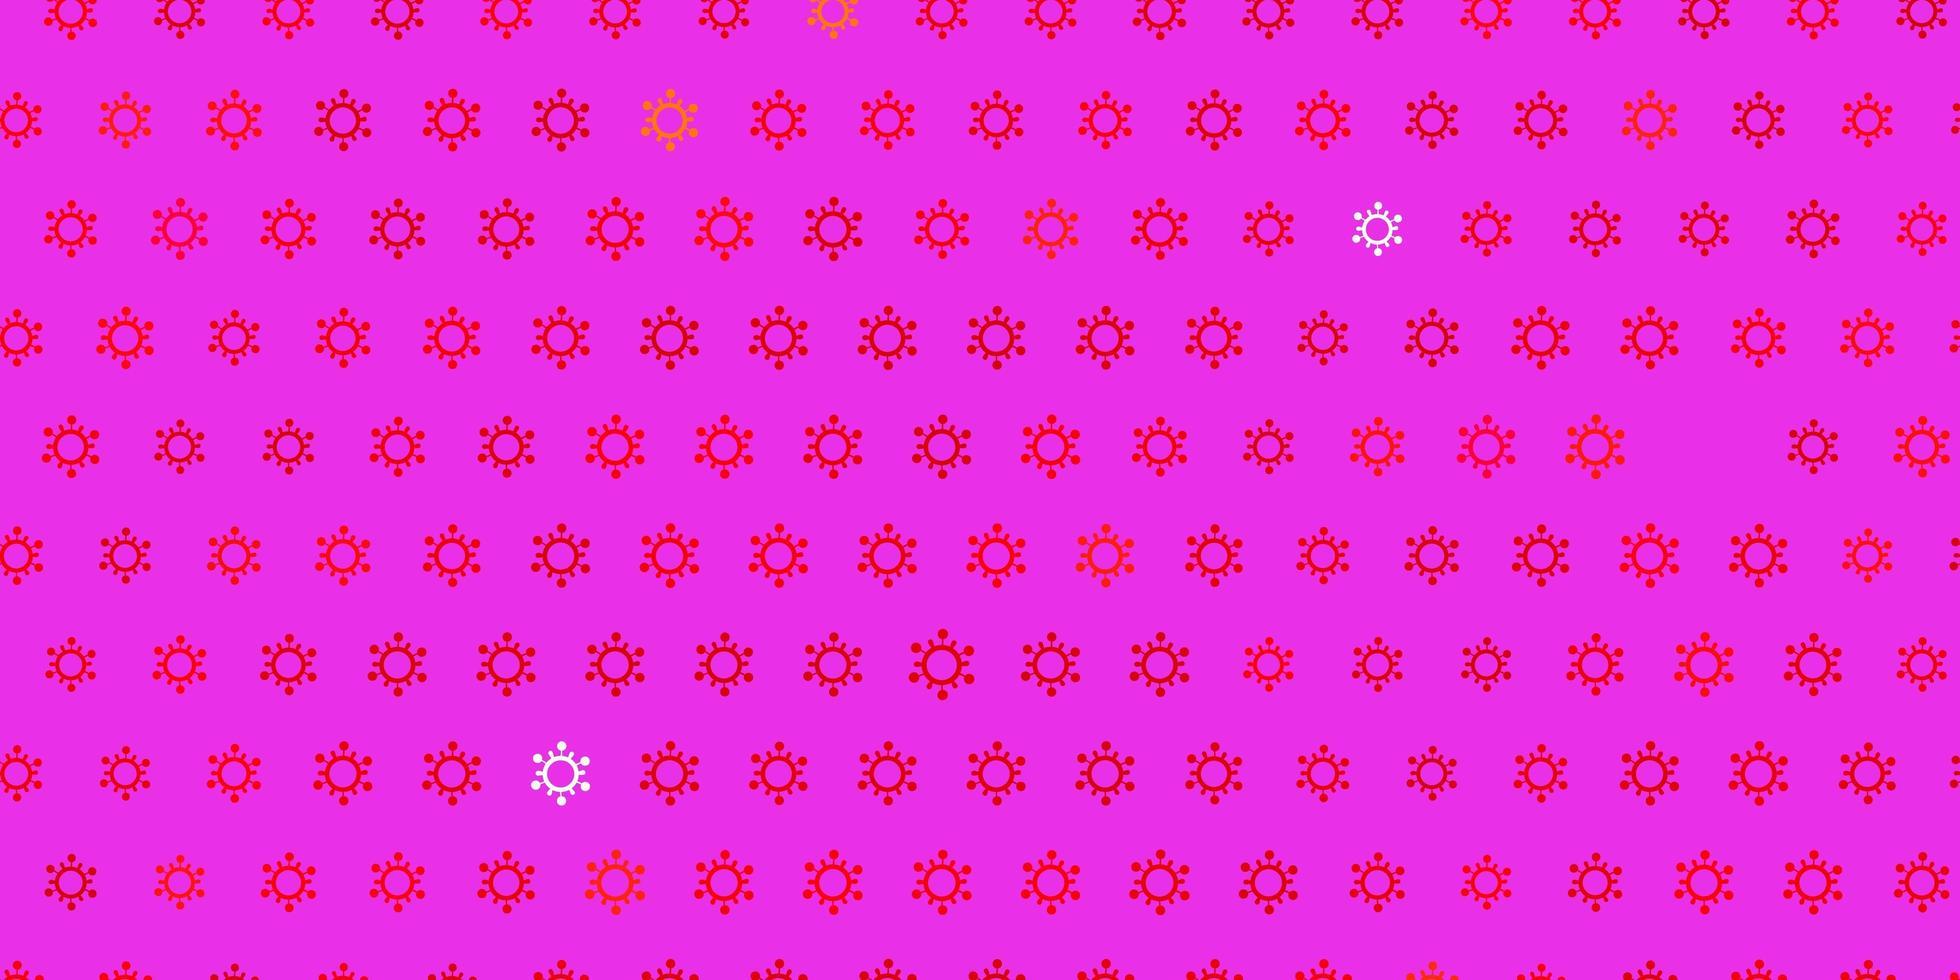 dunkelroter Vektorhintergrund mit covid-19 Symbolen vektor